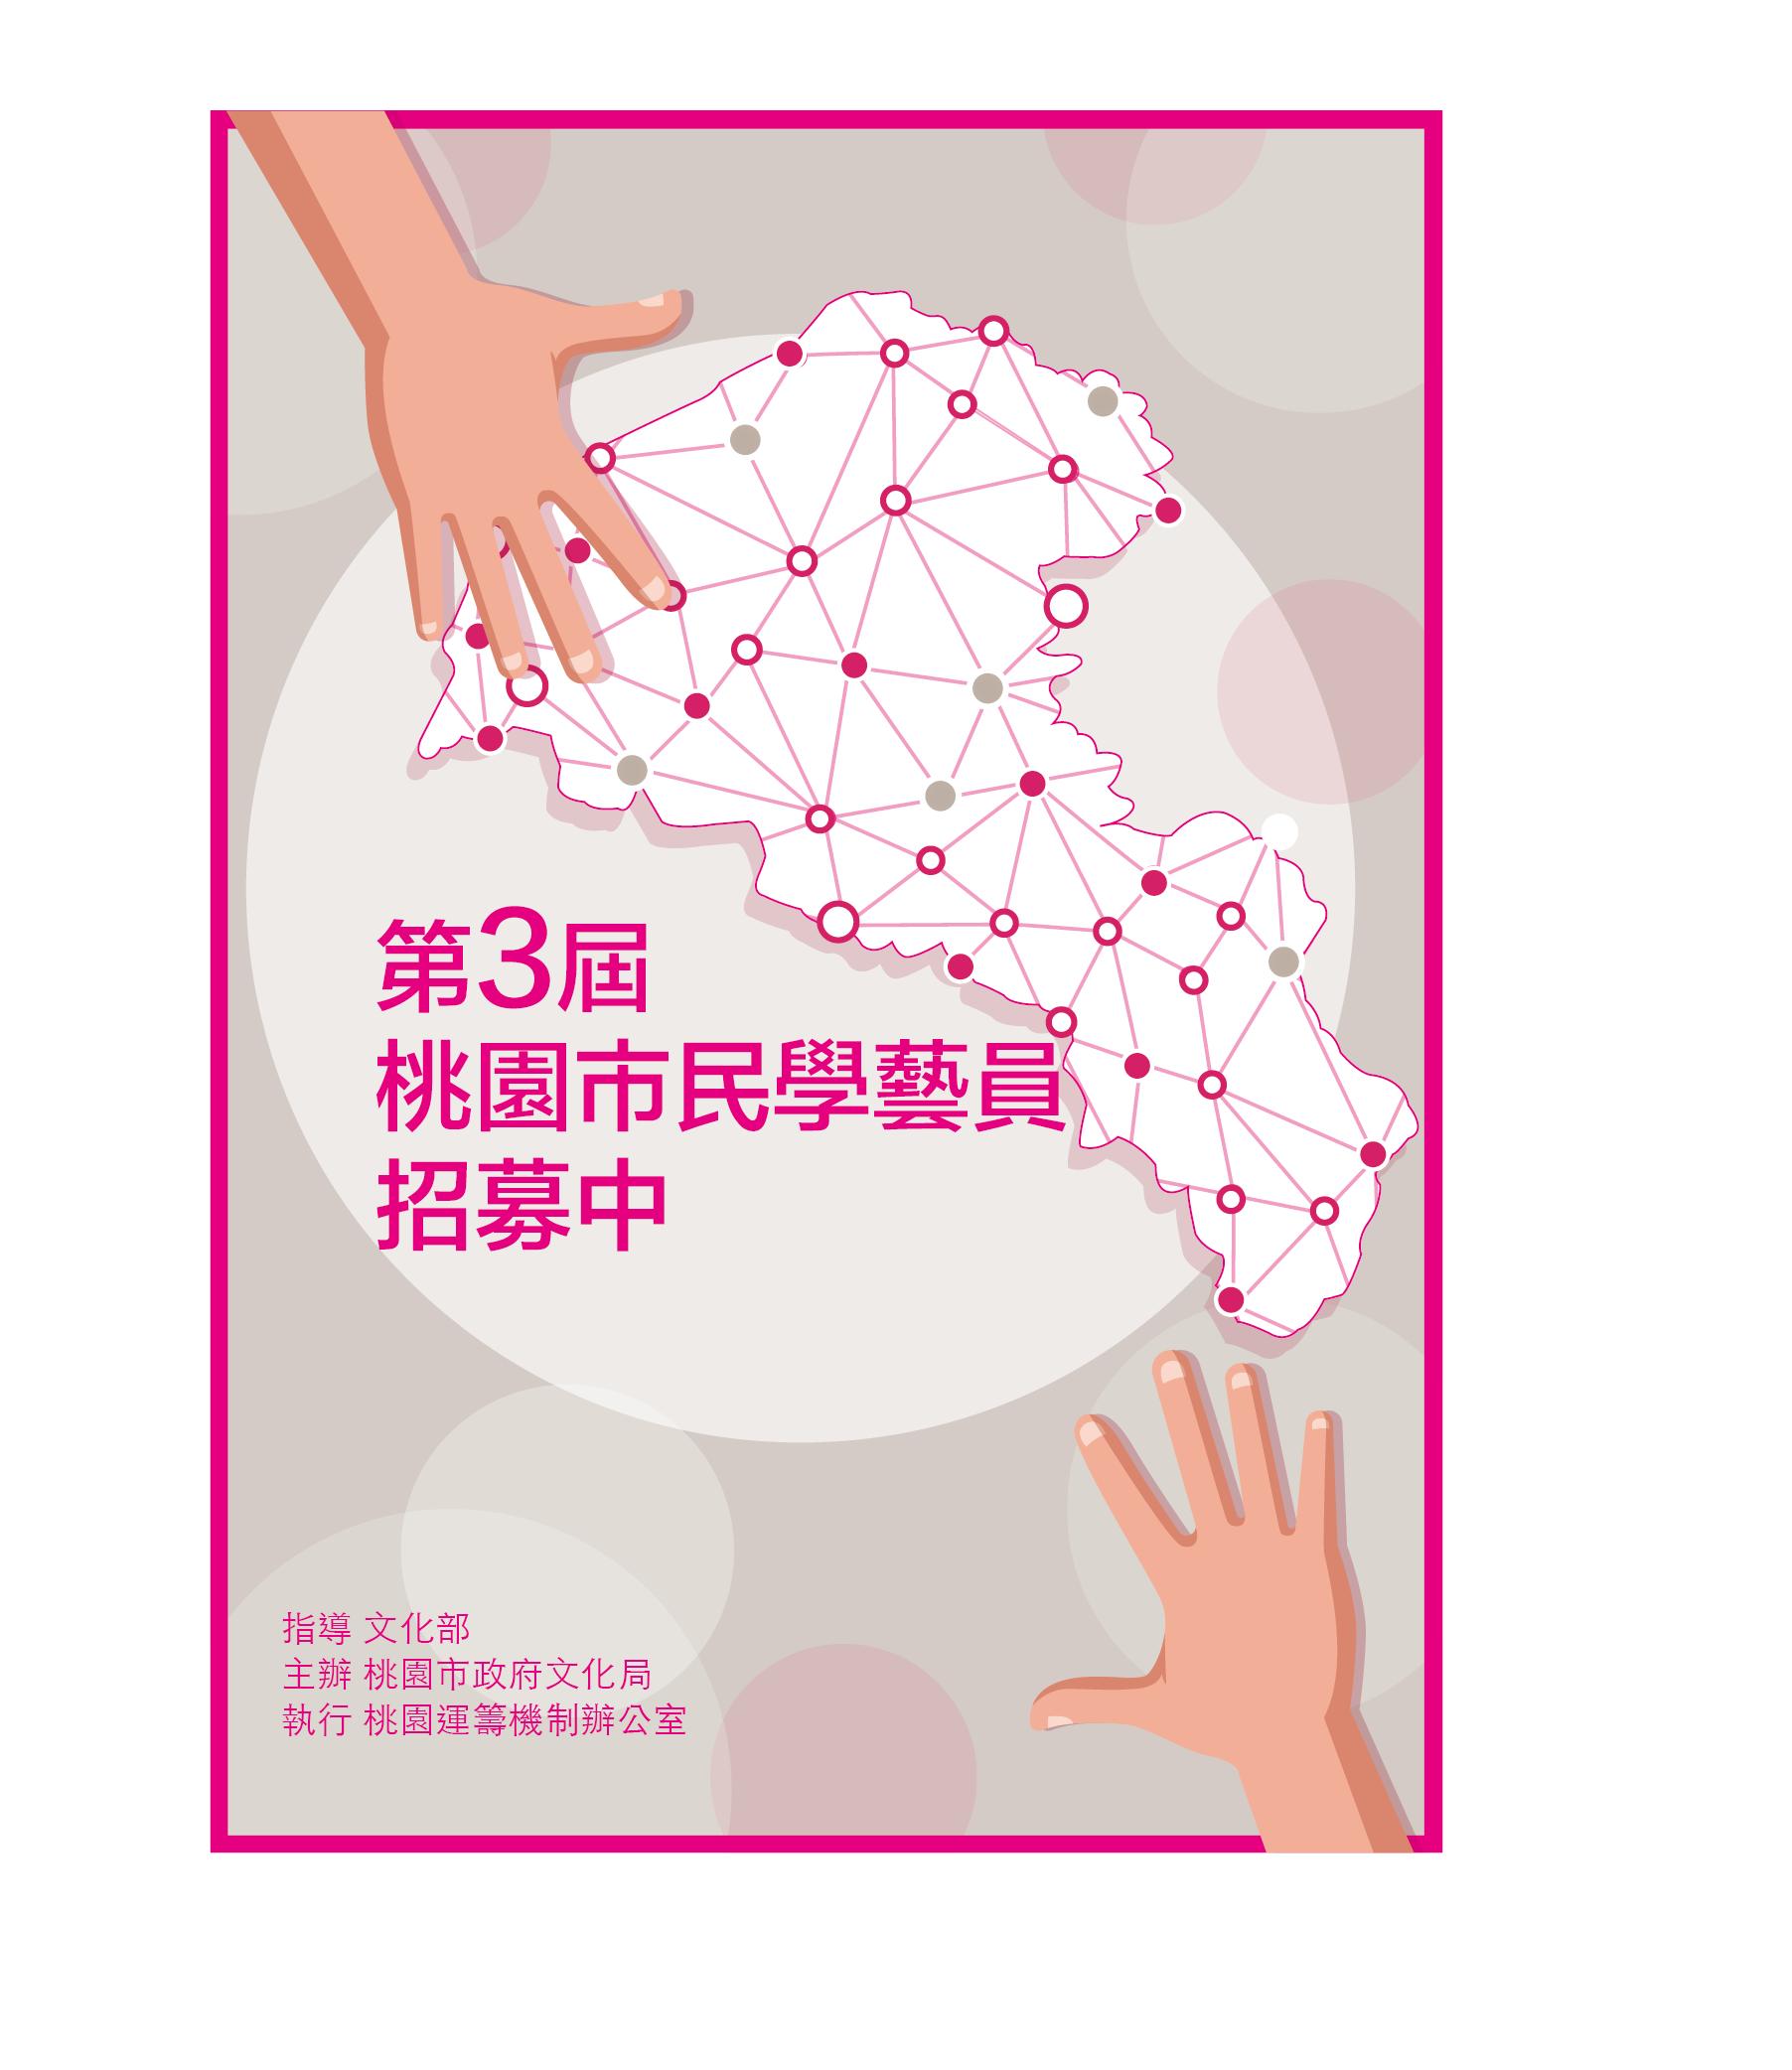 桃園市文化局:即日起至2020/3/6【第3屆桃園市民學藝員招募中】